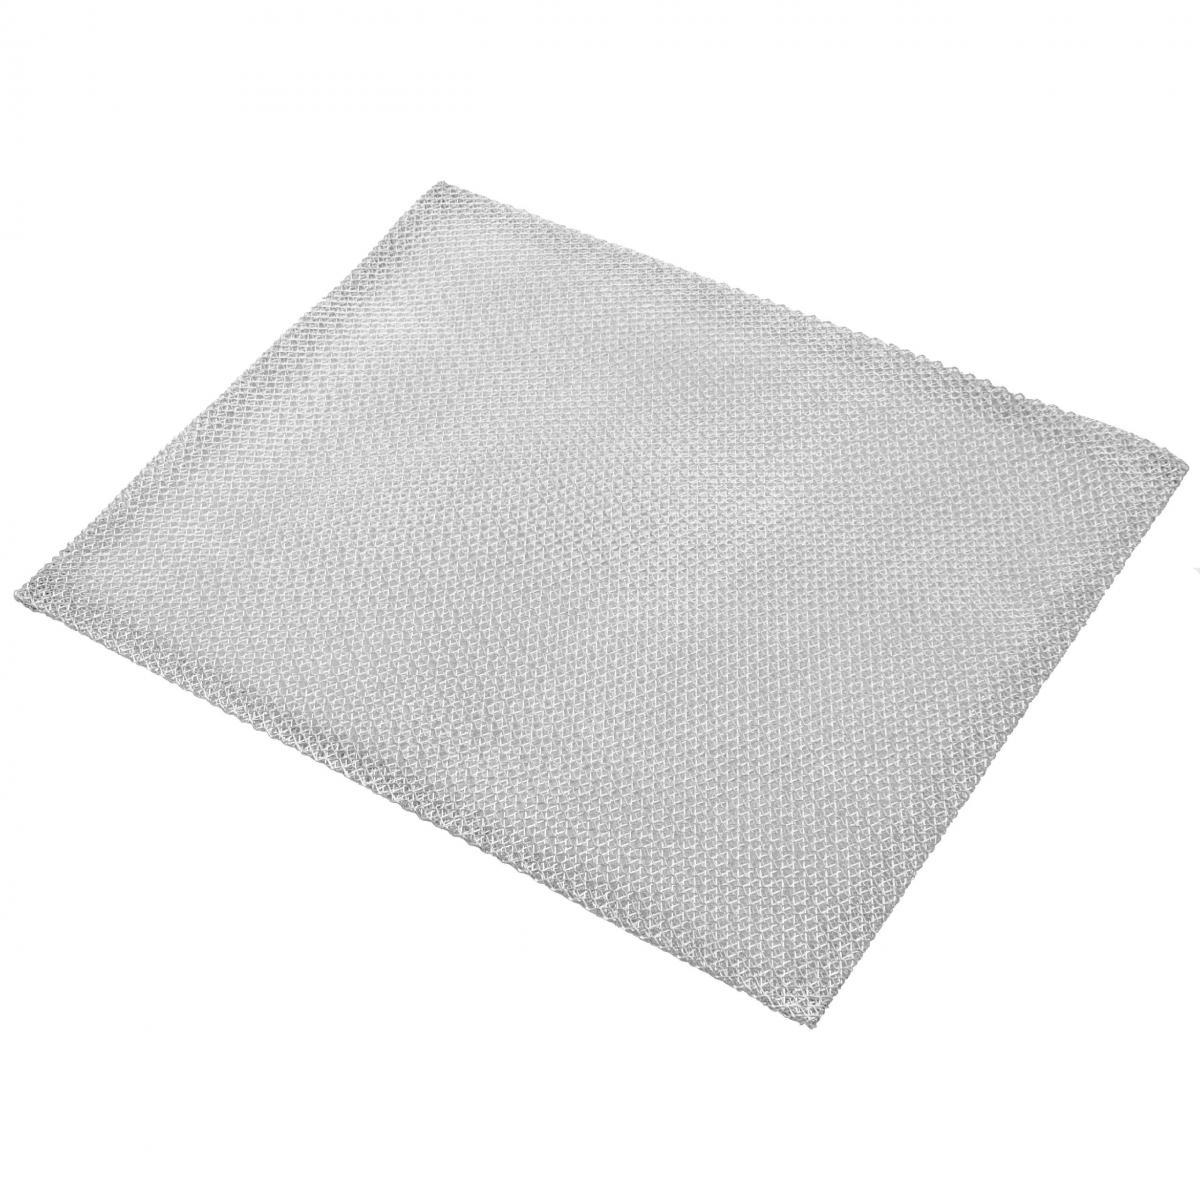 Vhbw vhbw Filtrepermanent filtre à graisse métallique 30 x 23,6 x 0,3cm convient pour Whirlpool AKR 673 857867301110 hottes d